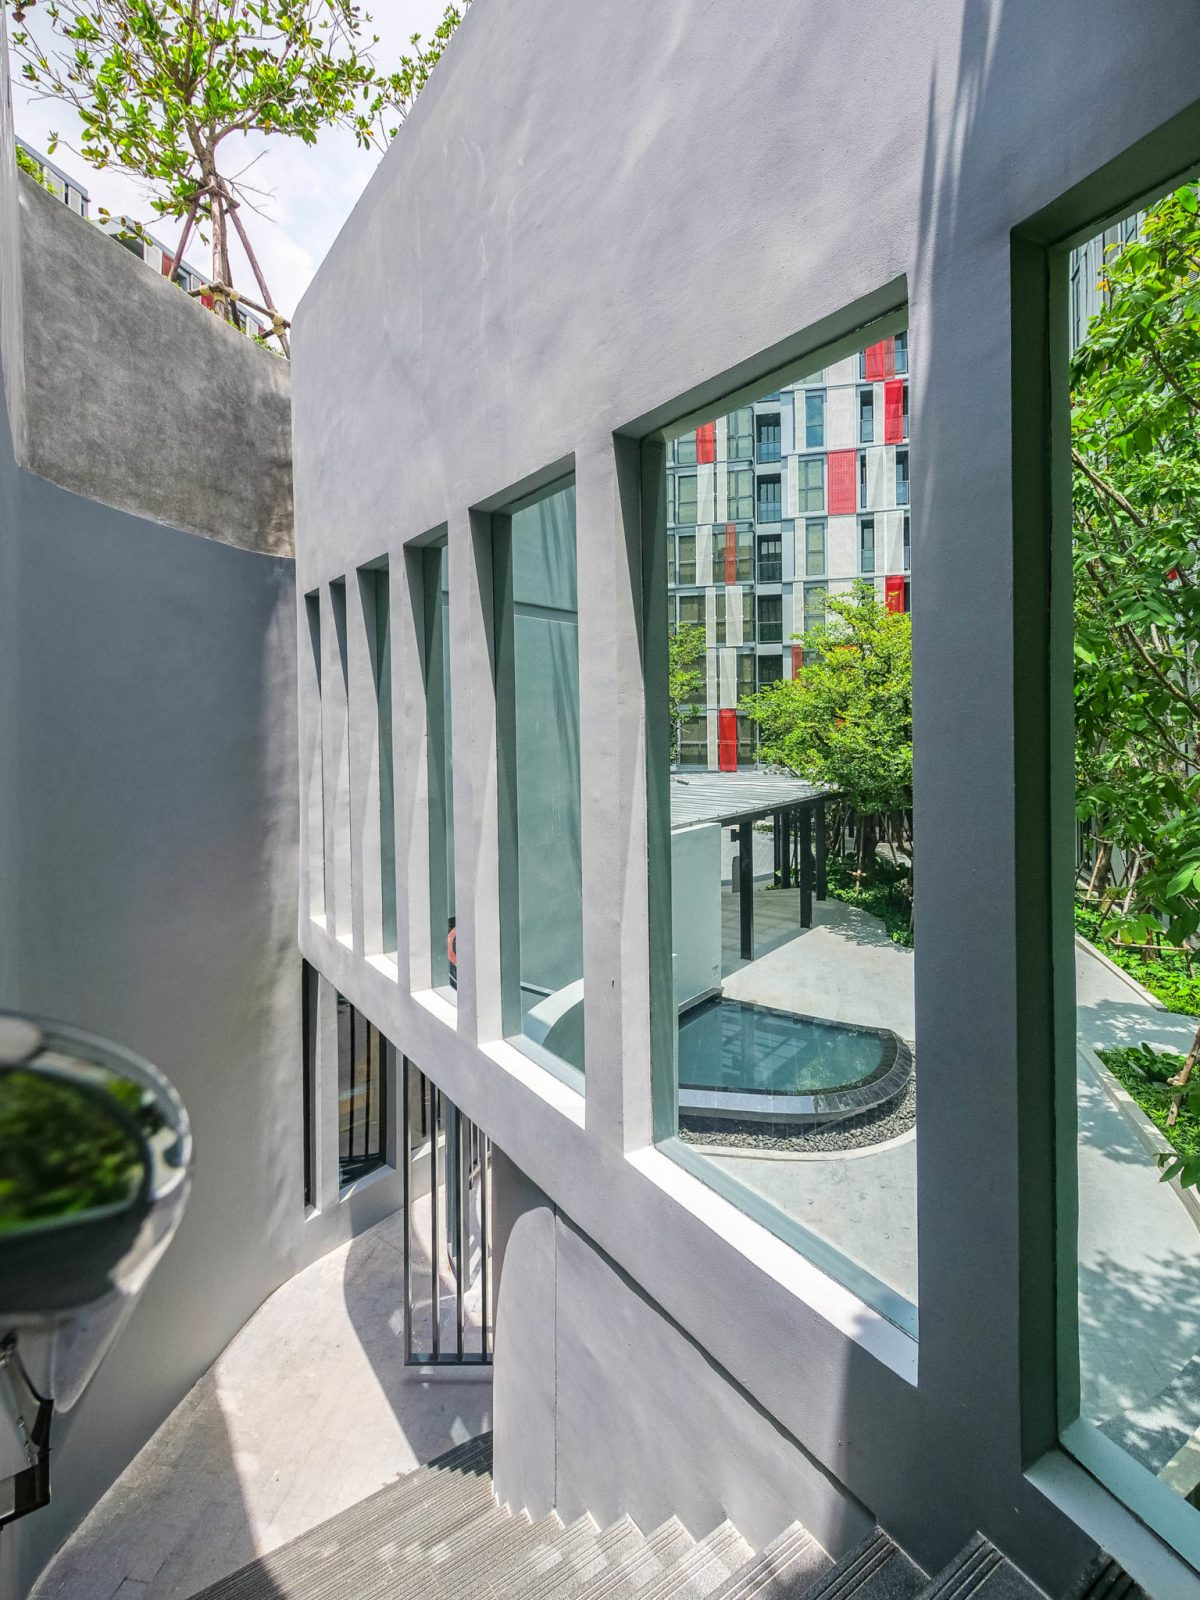 """""""ทากะ เฮาส์"""" (STAY UNIQUE, STAY DIVERSE) ตอบโจทย์การใช้ชีวิตที่ปรับเปลี่ยนได้ในแบบที่เป็นคุณ 17 - Condominium"""